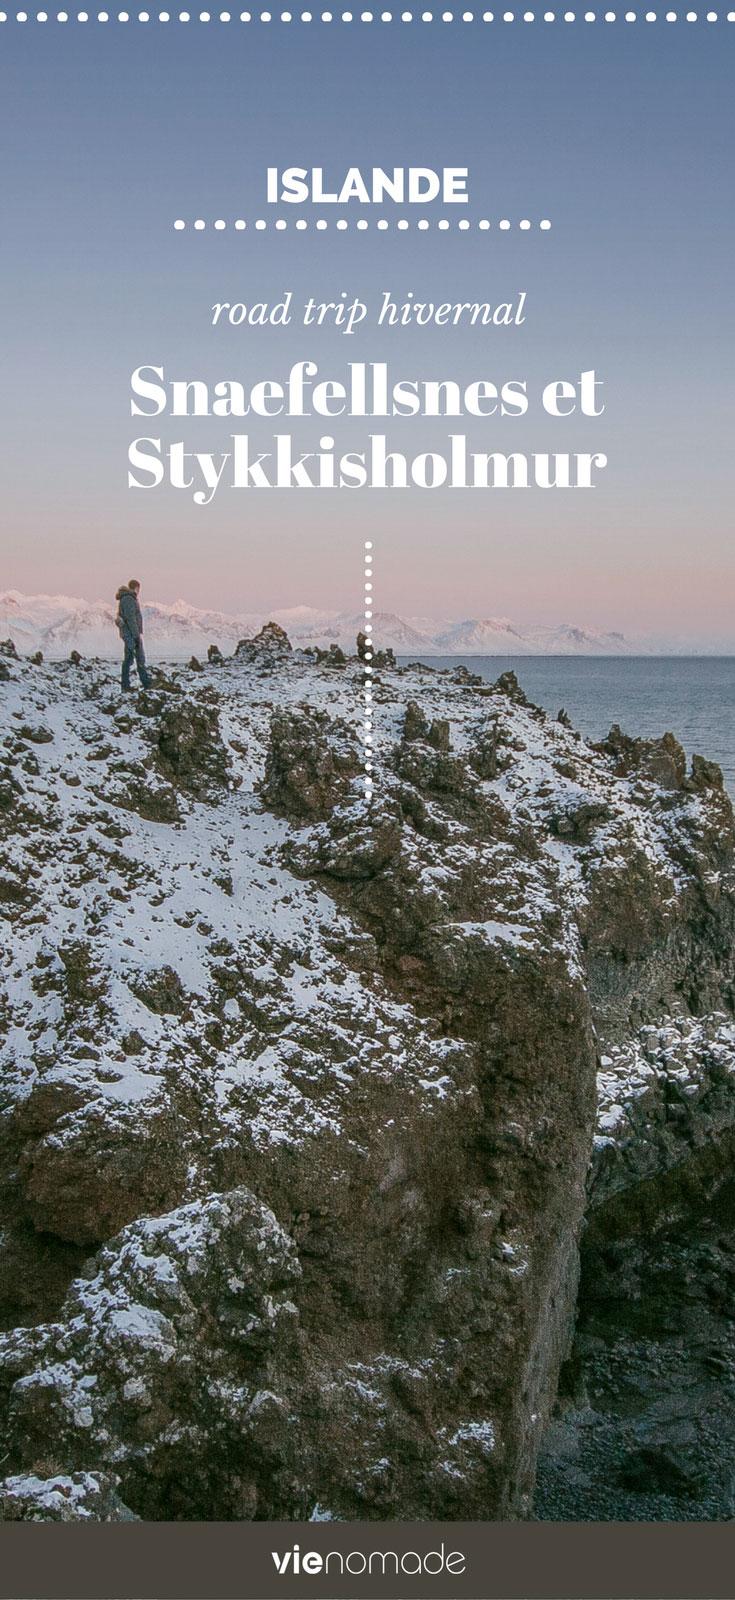 Voyage en Islande: un road trip en hiver